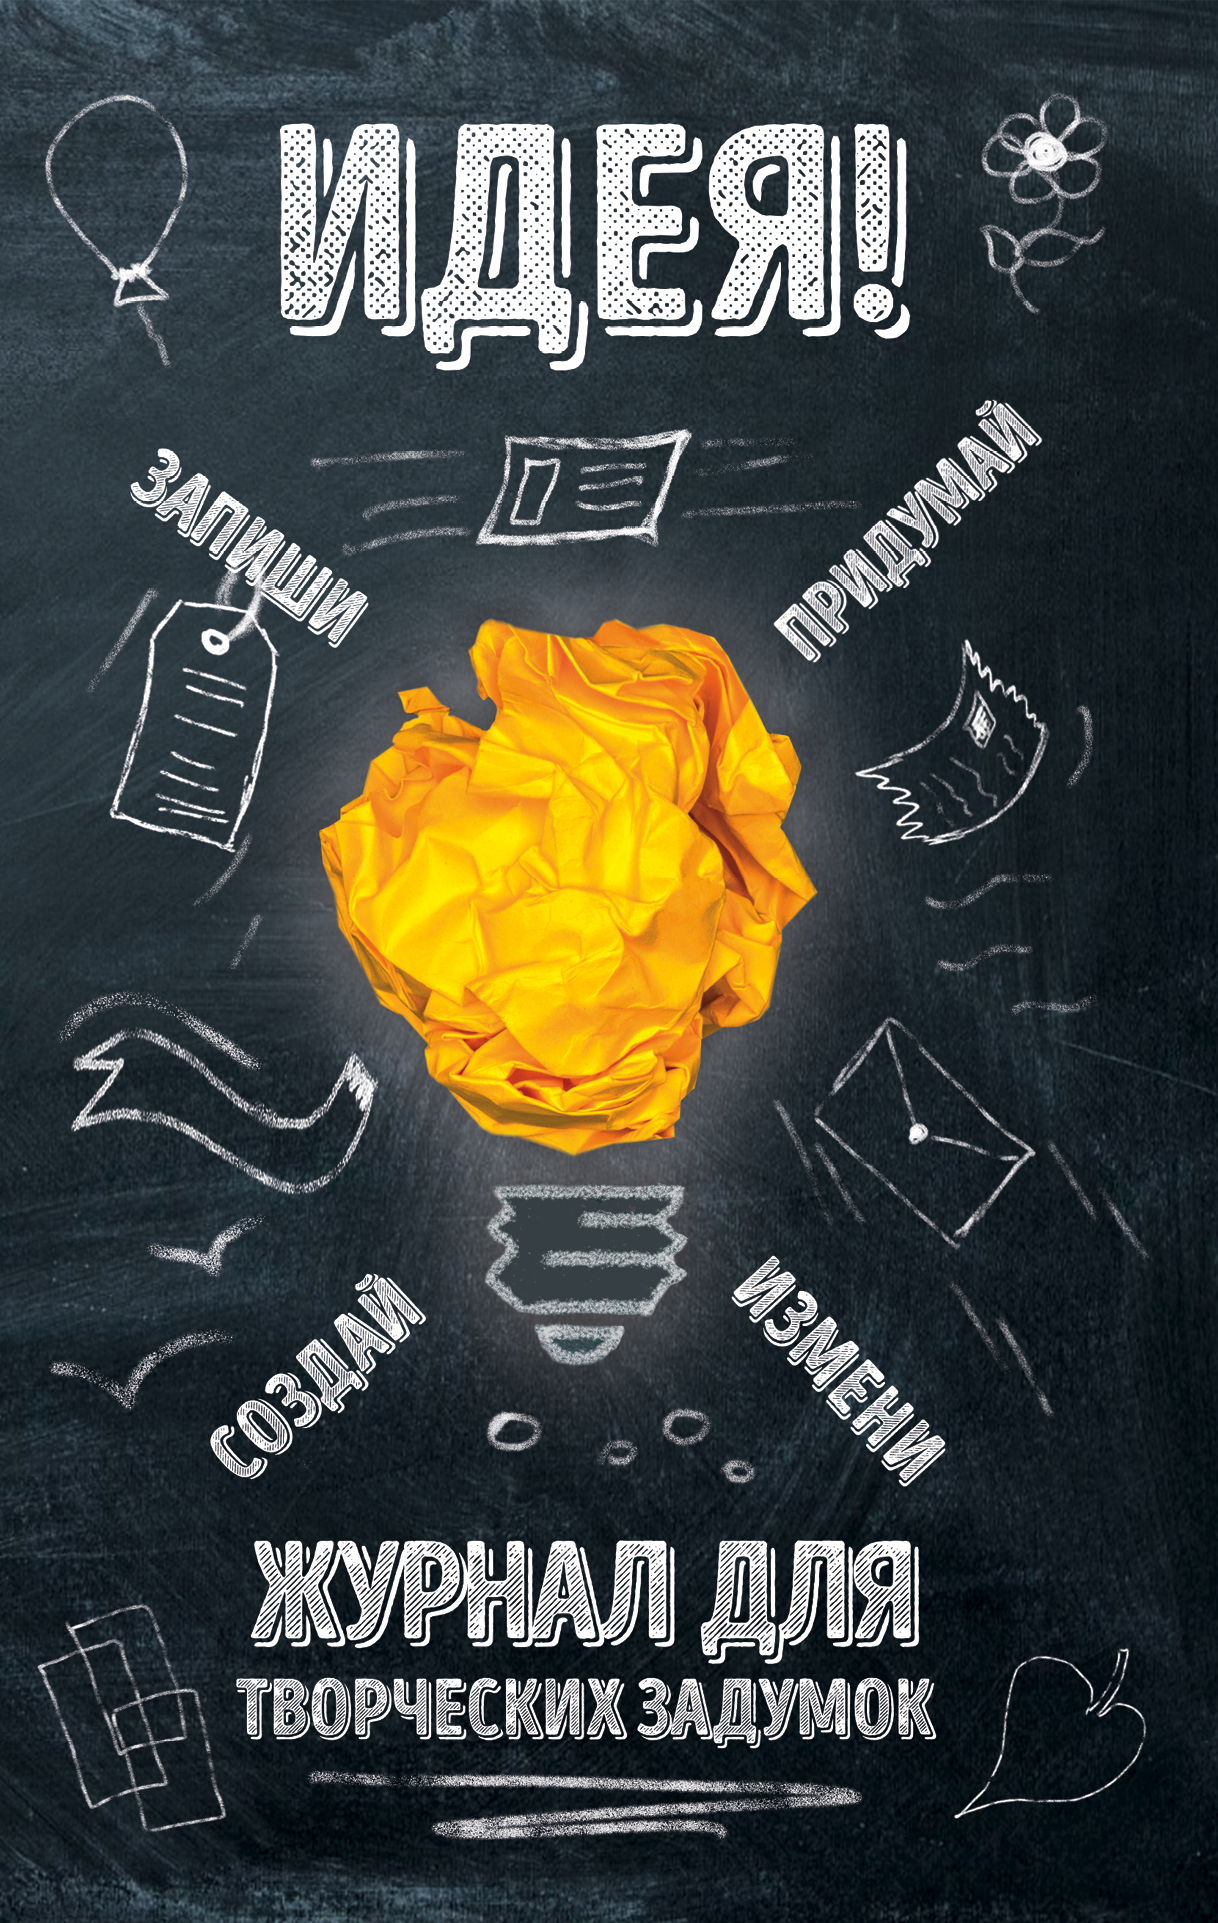 Идея! Журнал для творческих задумок